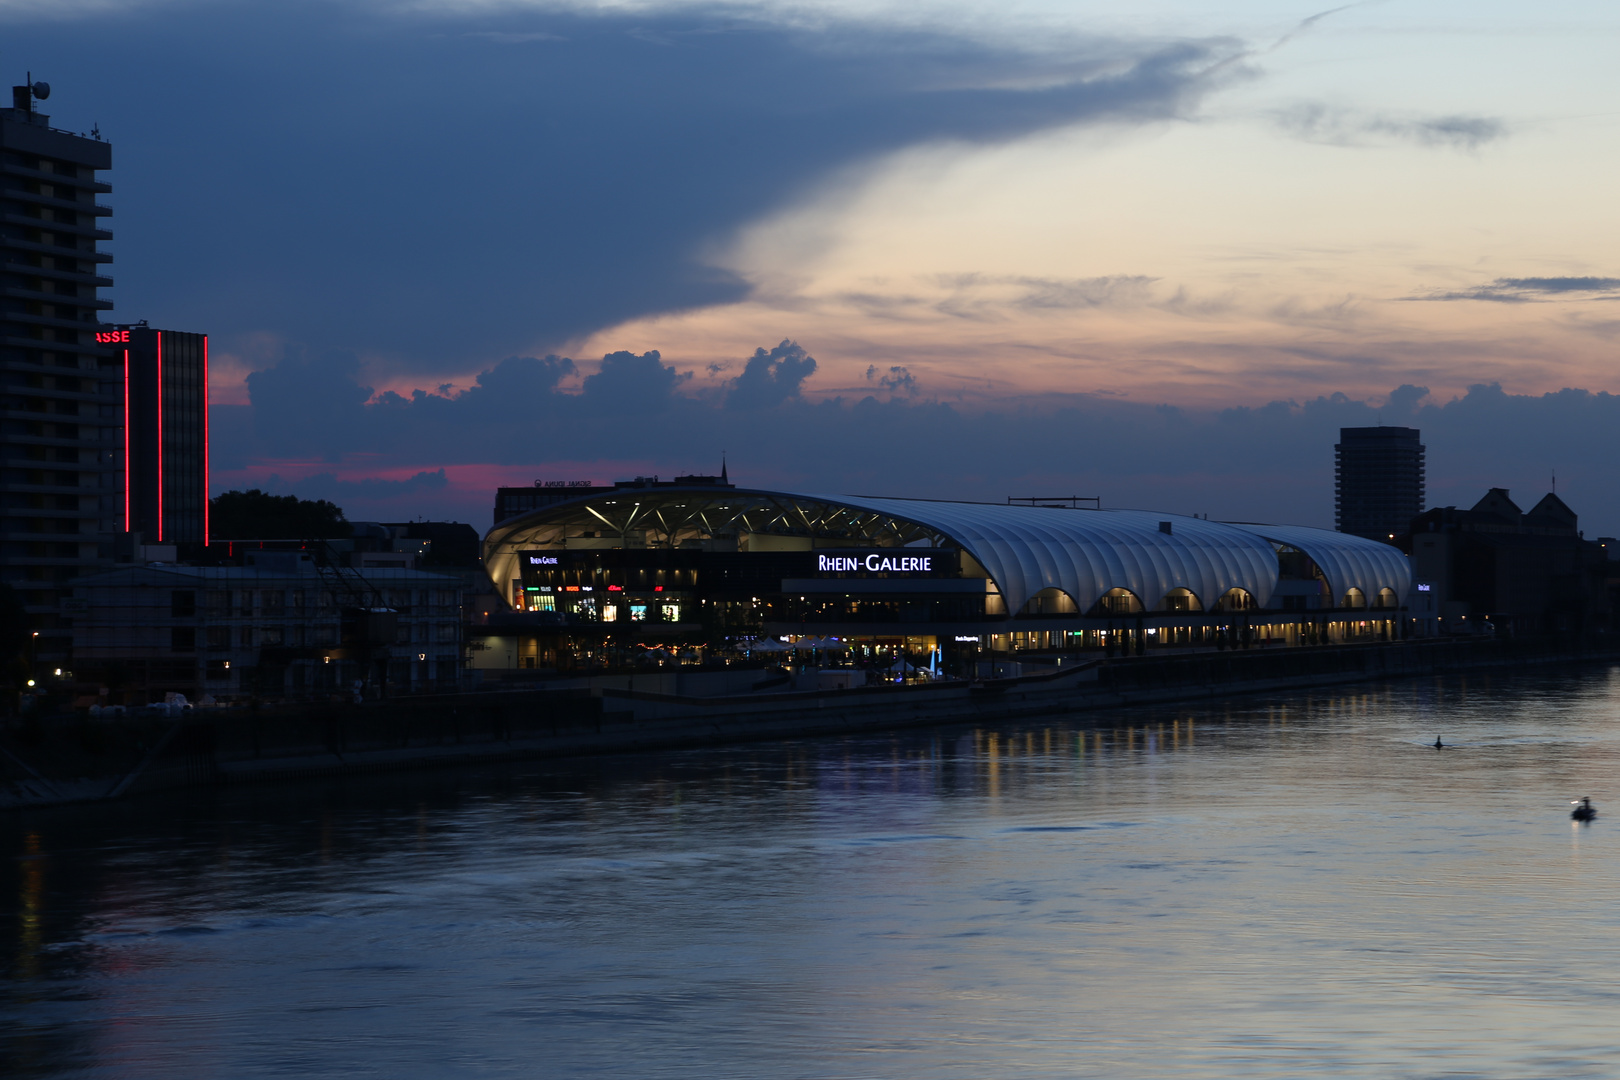 Rhein Galerie